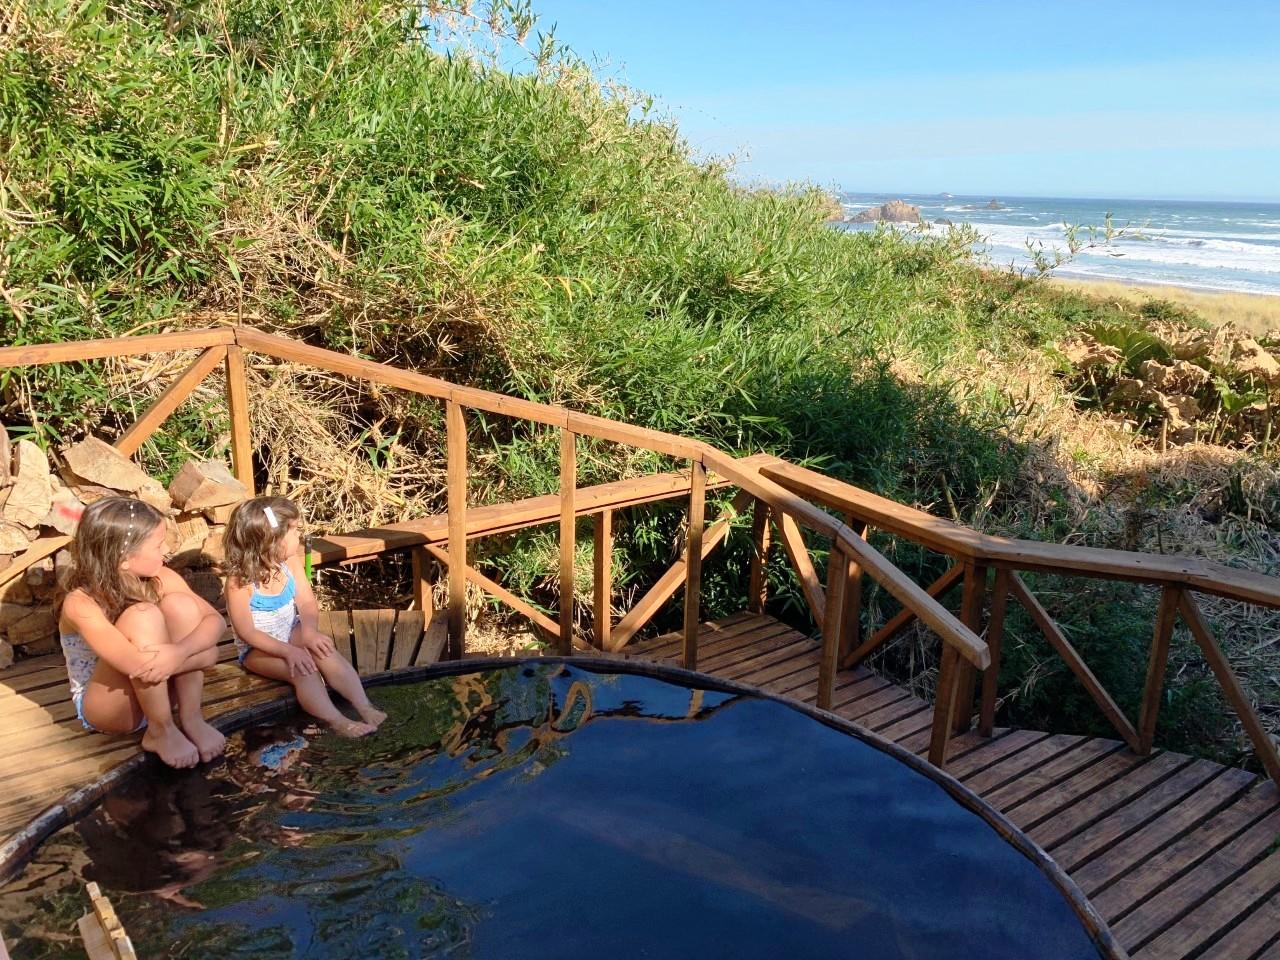 Hot Tub del Hotel Mari Mari con dos niñas